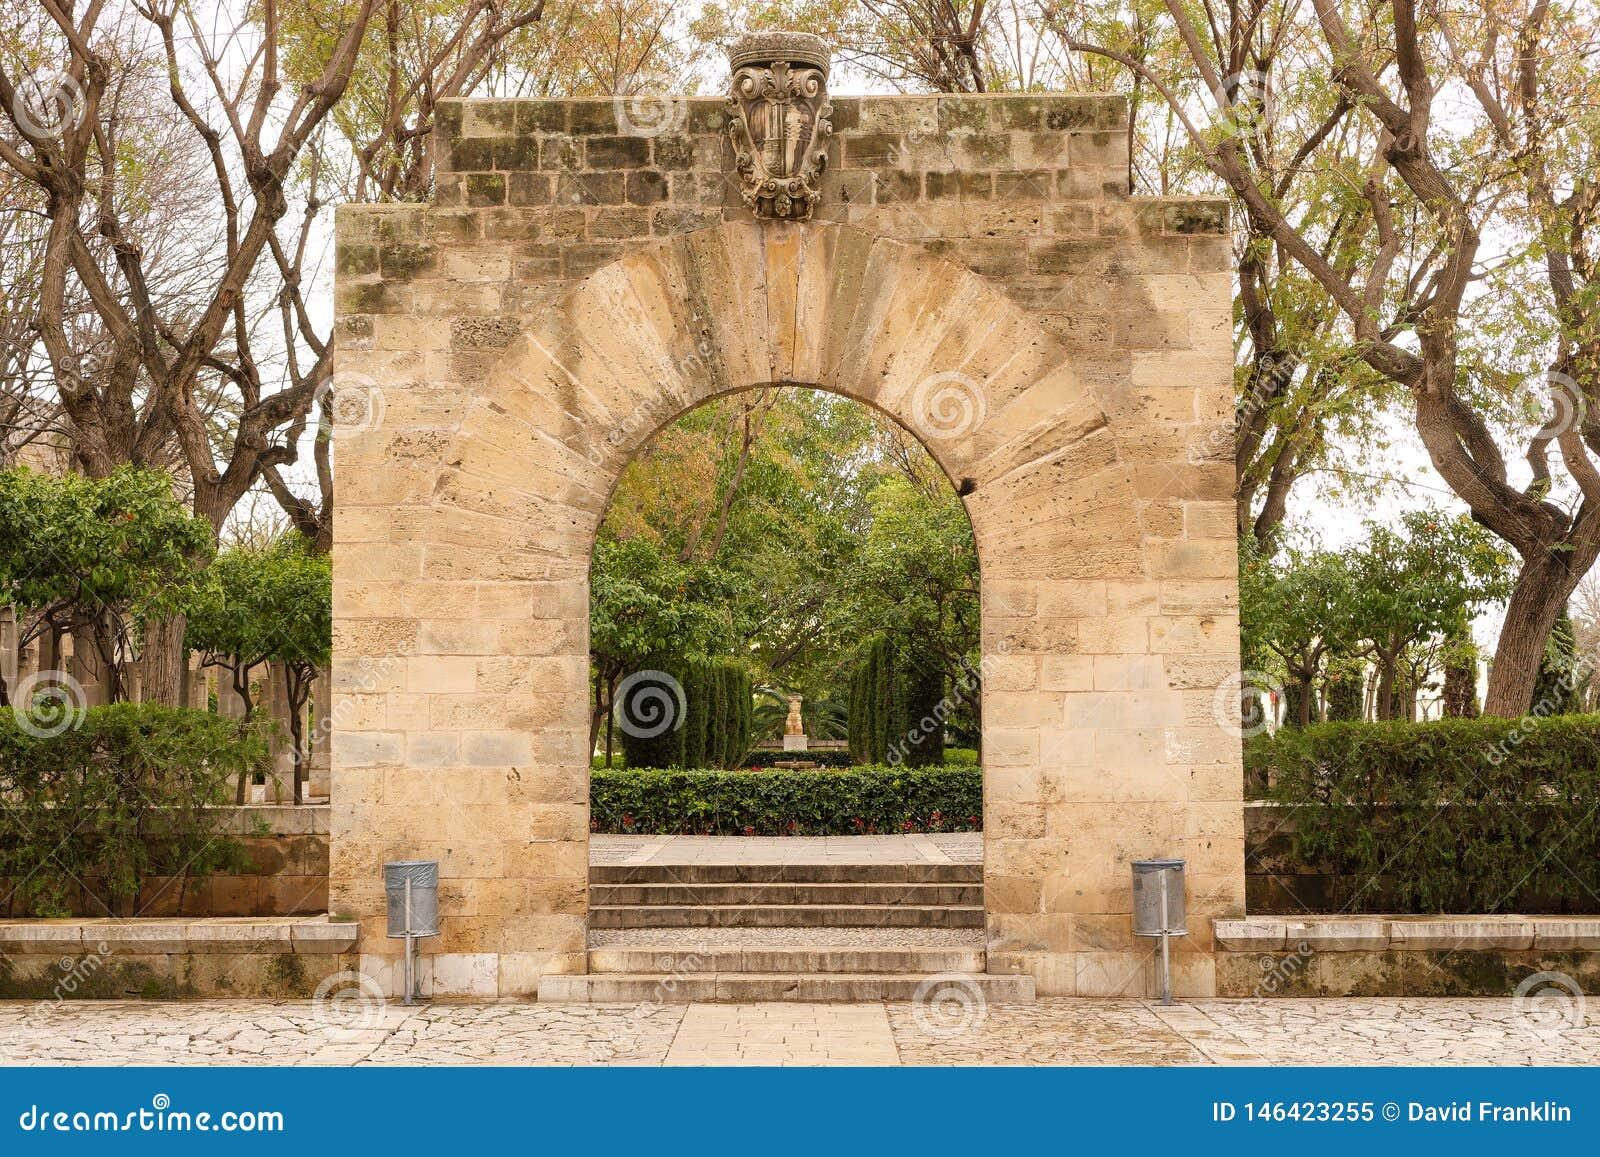 Palma de Mallorca, Espanha - 19 de mar?o de 2019: jardim p?blico e parque da arte no centro da cidade velha de Palma ao lado do p